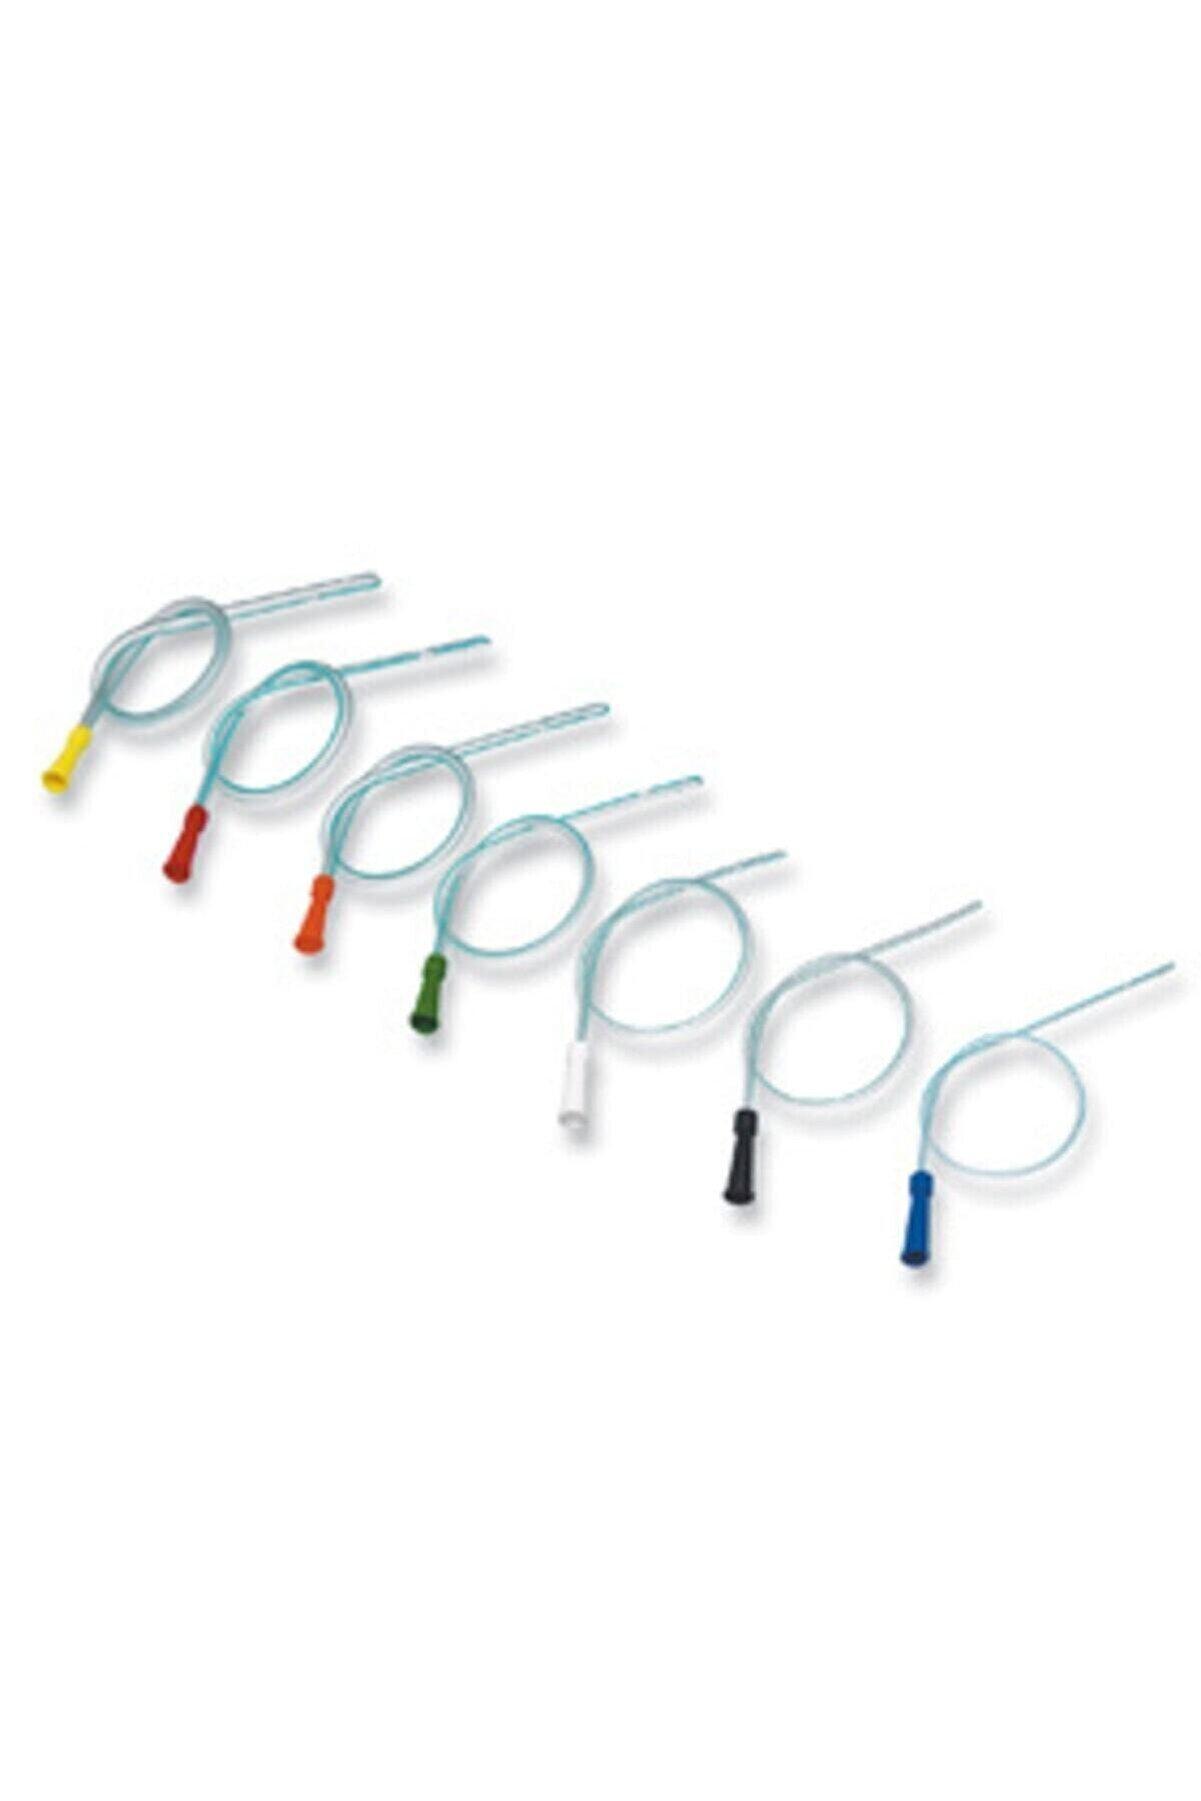 Bıçakçılar Emzirme Destekleyici Sistem(eds 4 Numara Beslenme Sondası 10 Adet Kırmızı